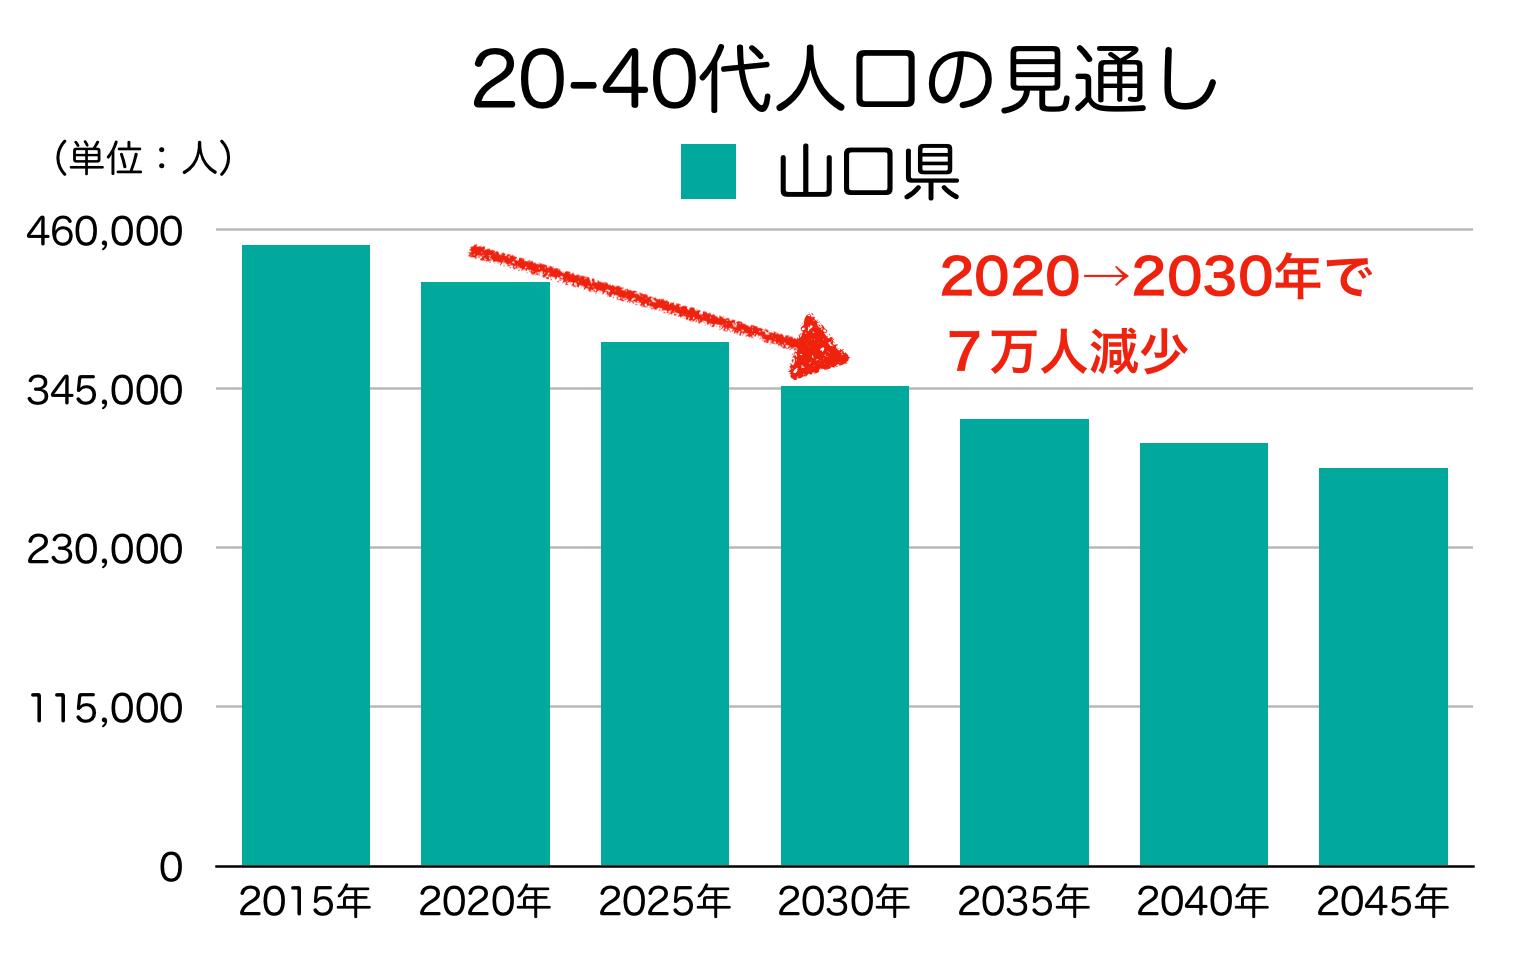 山口県の20-40代人口の見通し